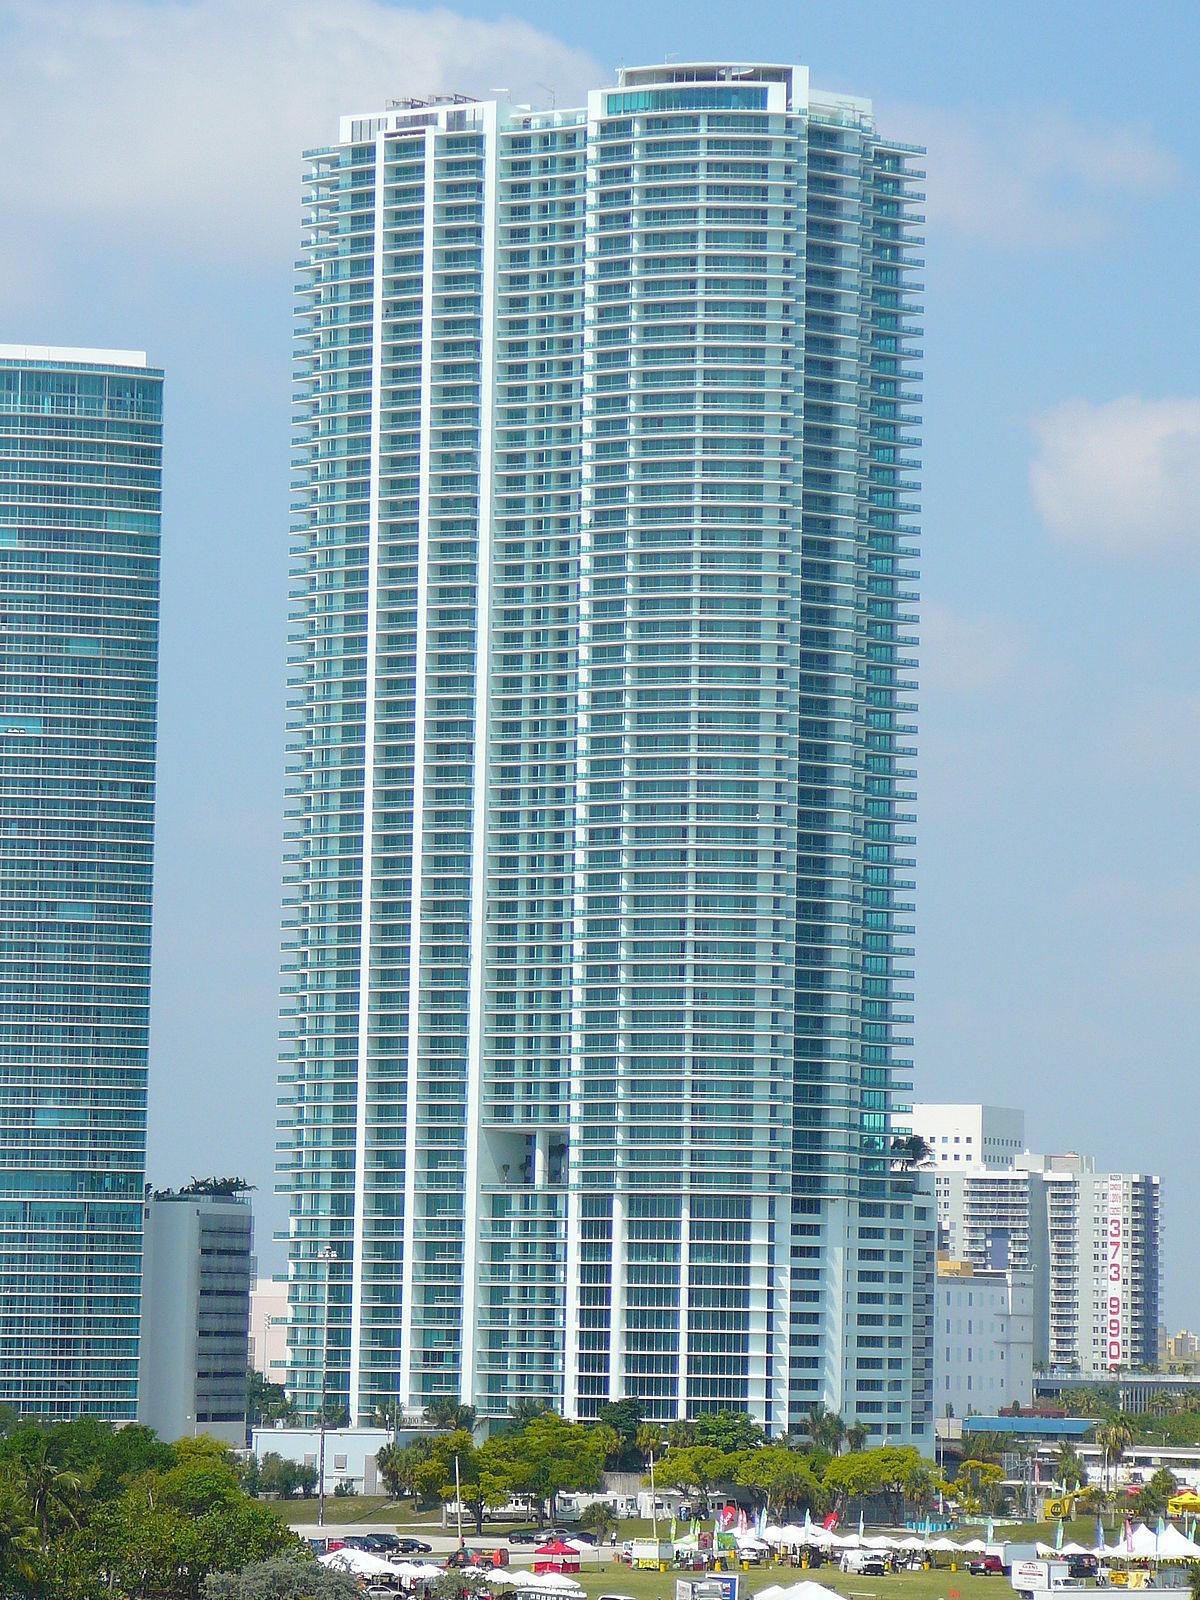 Image Result For Key West Building